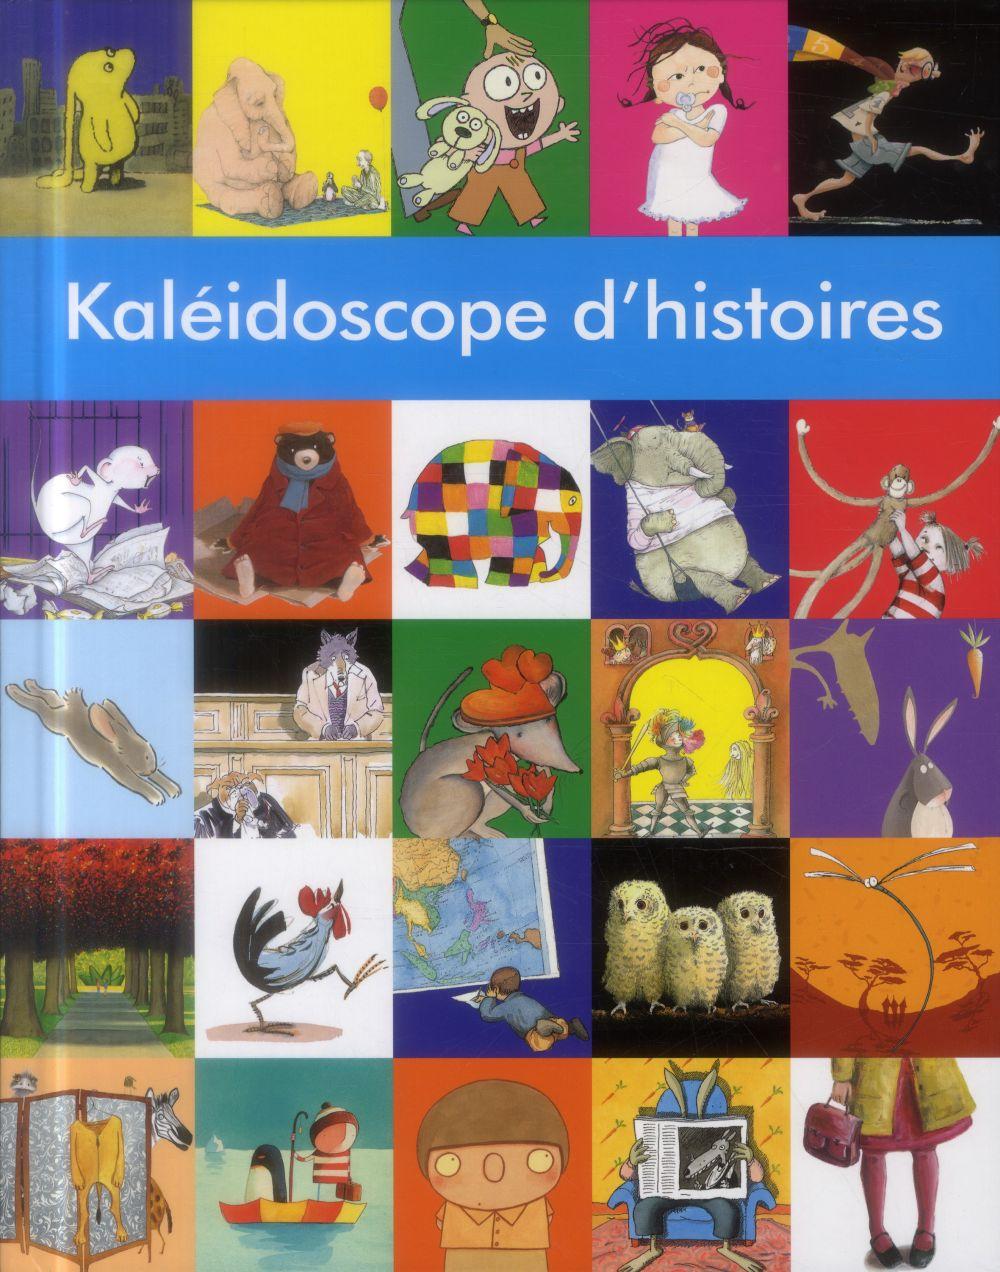 KALEIDOSCOPE D-HISTOIRES COLLECTIF KALEIDOSC